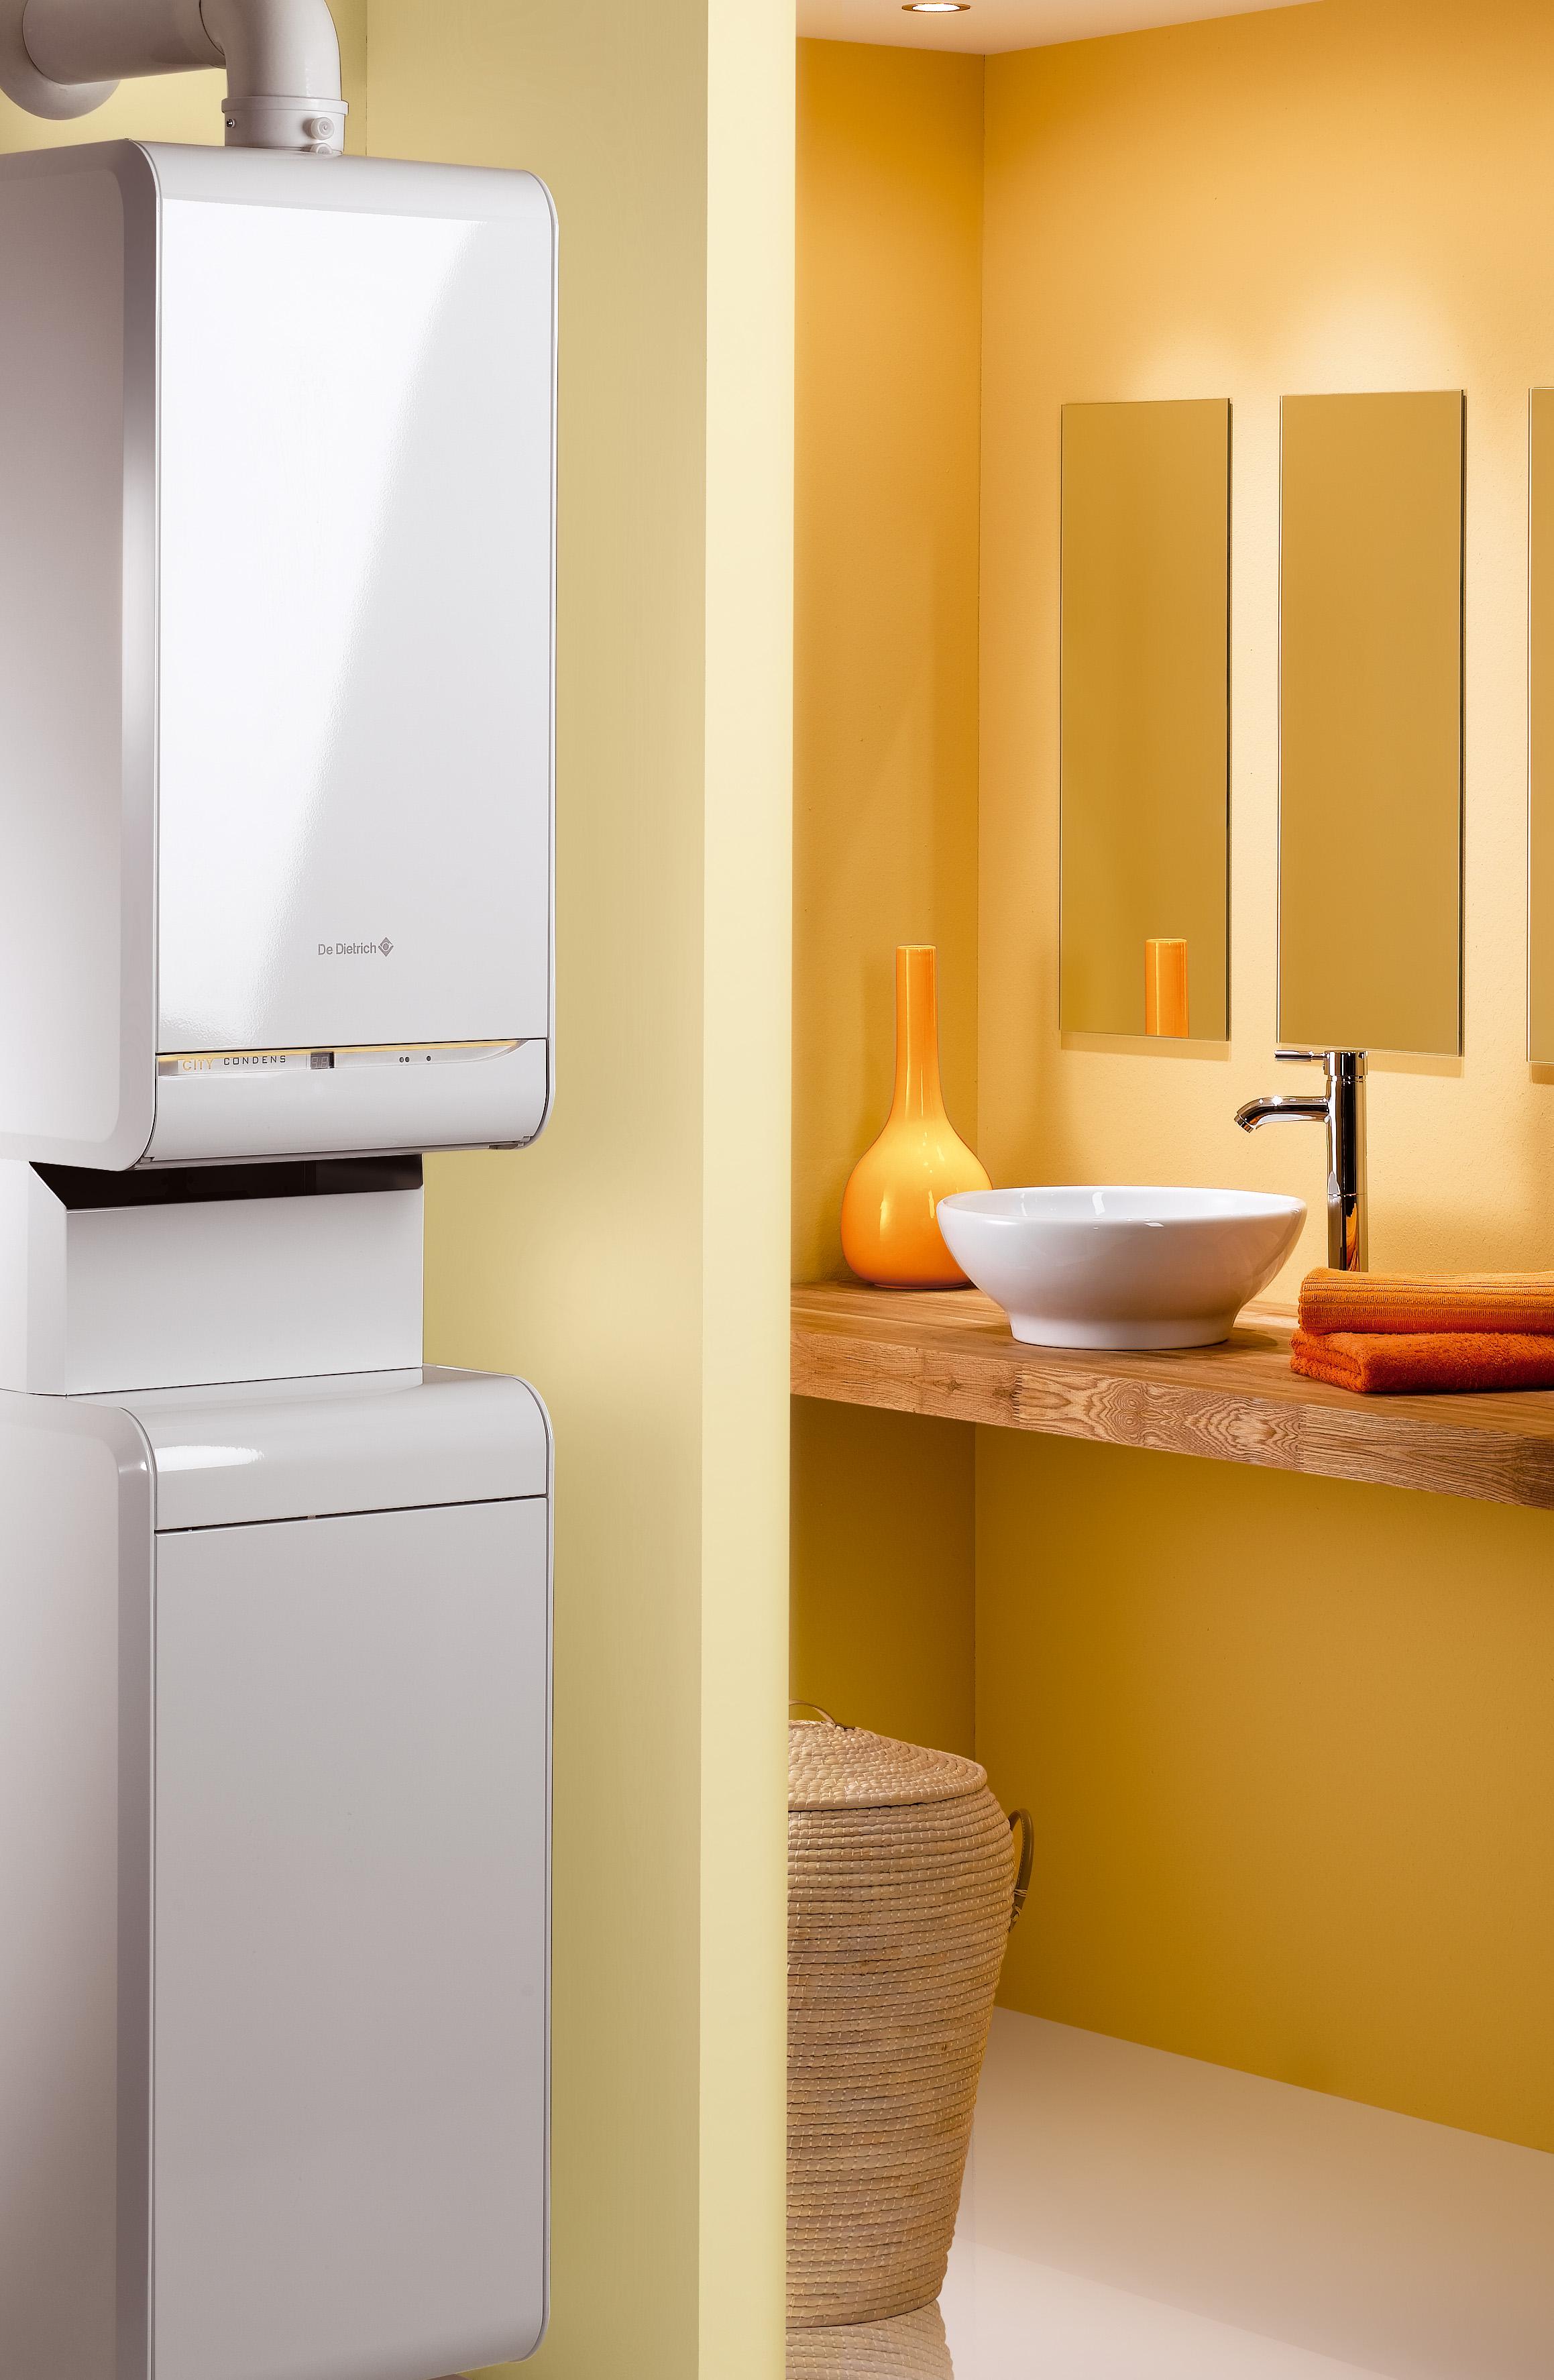 De dietrich thermique - Condensation salle de bain ...